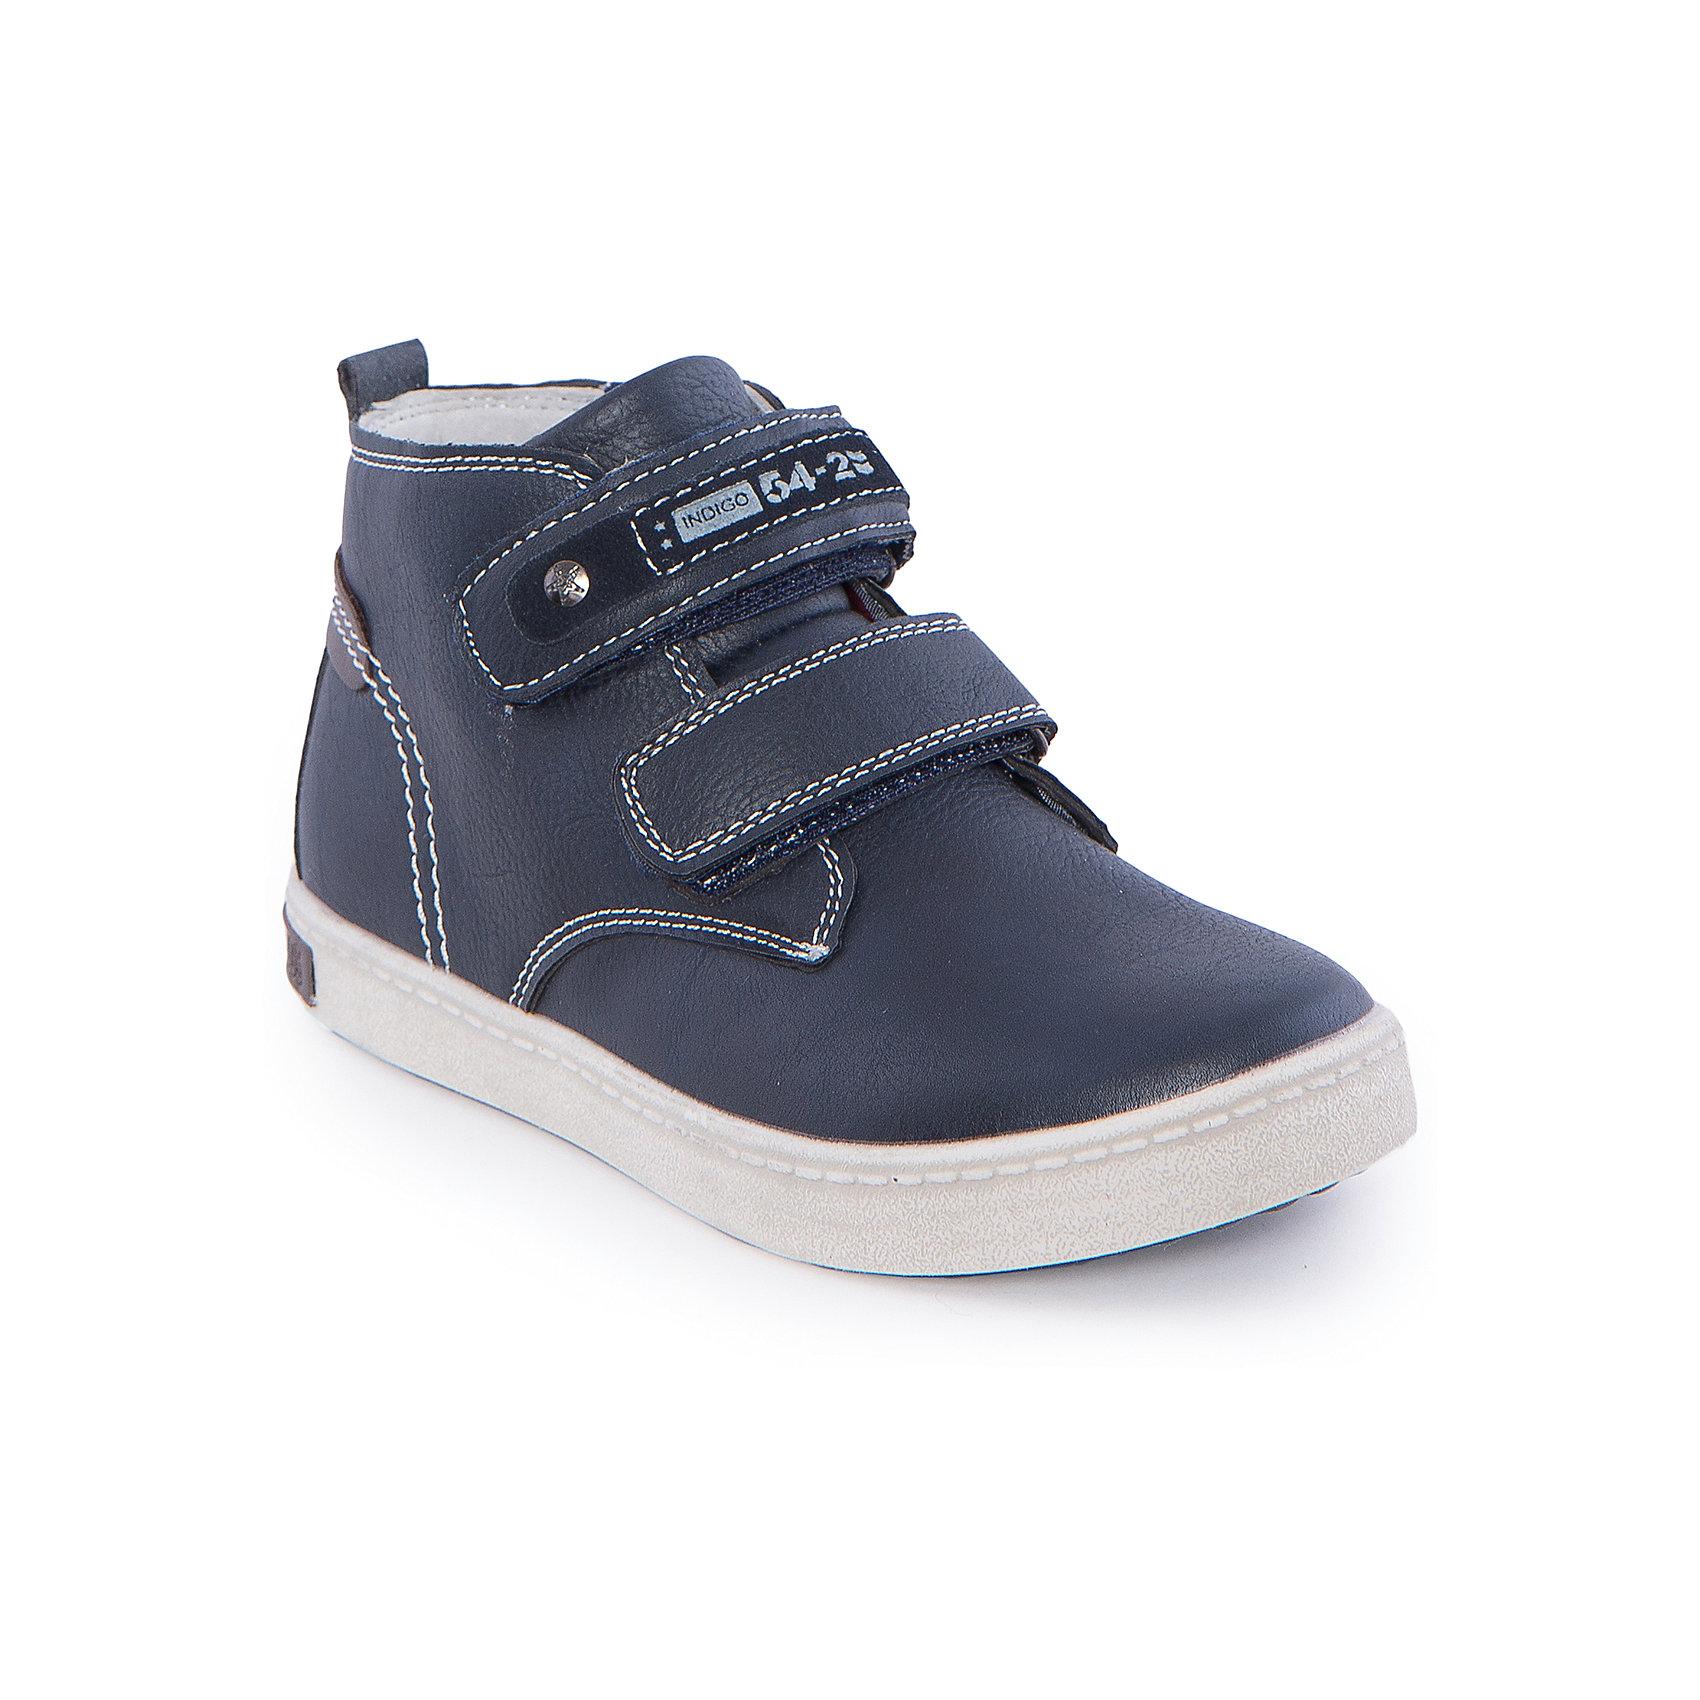 Ботинки для мальчика Indigo kidsБотинки для мальчика от известного бренда Indigo kids <br> <br>Оригинальные ботинки с завышенным голенищем созданы для прохладной погоды. Они очень стильно смотрятся. Ботинки легко надеваются, комфортно садятся по ноге, дают коже дышать. <br> <br>Особенности модели: <br> <br>- цвет: синий; <br>- стильный дизайн; <br>- удобная колодка; <br>- каблук; <br>- двойная контрастная прошивка; <br>- декорированы клепкой, нашивкой; <br>- устойчивая нескользящая подошва; <br>- застежка: липучки и молния. <br> <br>Дополнительная информация: <br> <br>Состав: <br> <br>верх – искусственная кожа; <br>подкладка - текстиль; <br>подошва - ТЭП. <br> <br>Температурный режим: <br>от +5°С до +20°С <br> <br>Ботинки для мальчика Indigo kids (Индиго Кидс) можно купить в нашем магазине.<br><br>Ширина мм: 262<br>Глубина мм: 176<br>Высота мм: 97<br>Вес г: 427<br>Цвет: синий<br>Возраст от месяцев: 144<br>Возраст до месяцев: 156<br>Пол: Мужской<br>Возраст: Детский<br>Размер: 36,31,35,34,33,32<br>SKU: 4547866